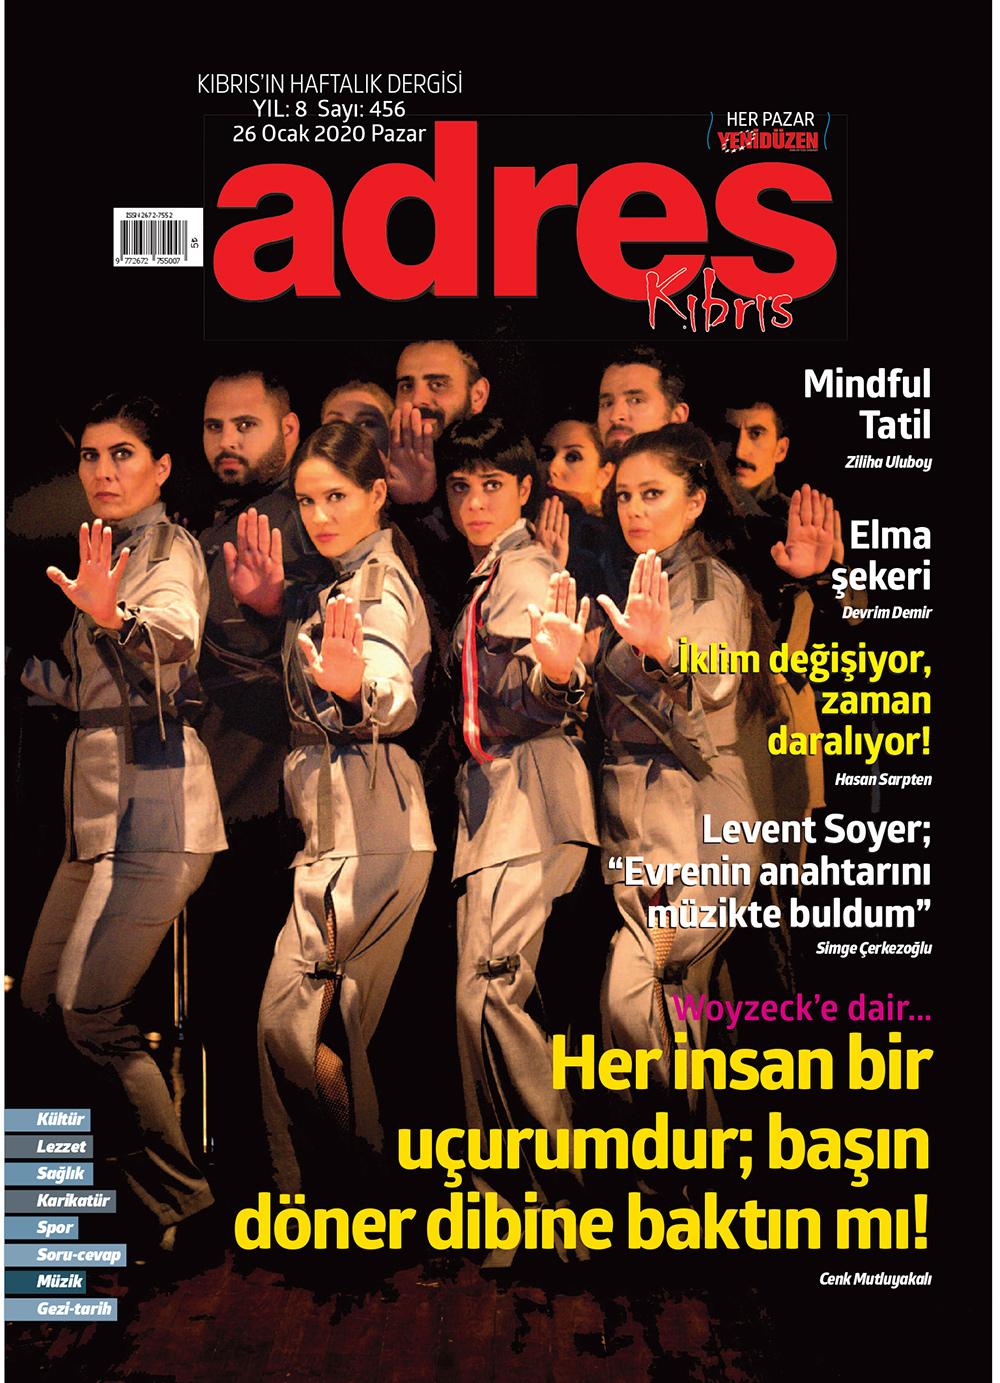 Adres Kıbrıs 456 Sayısı ISSN 2672-7560